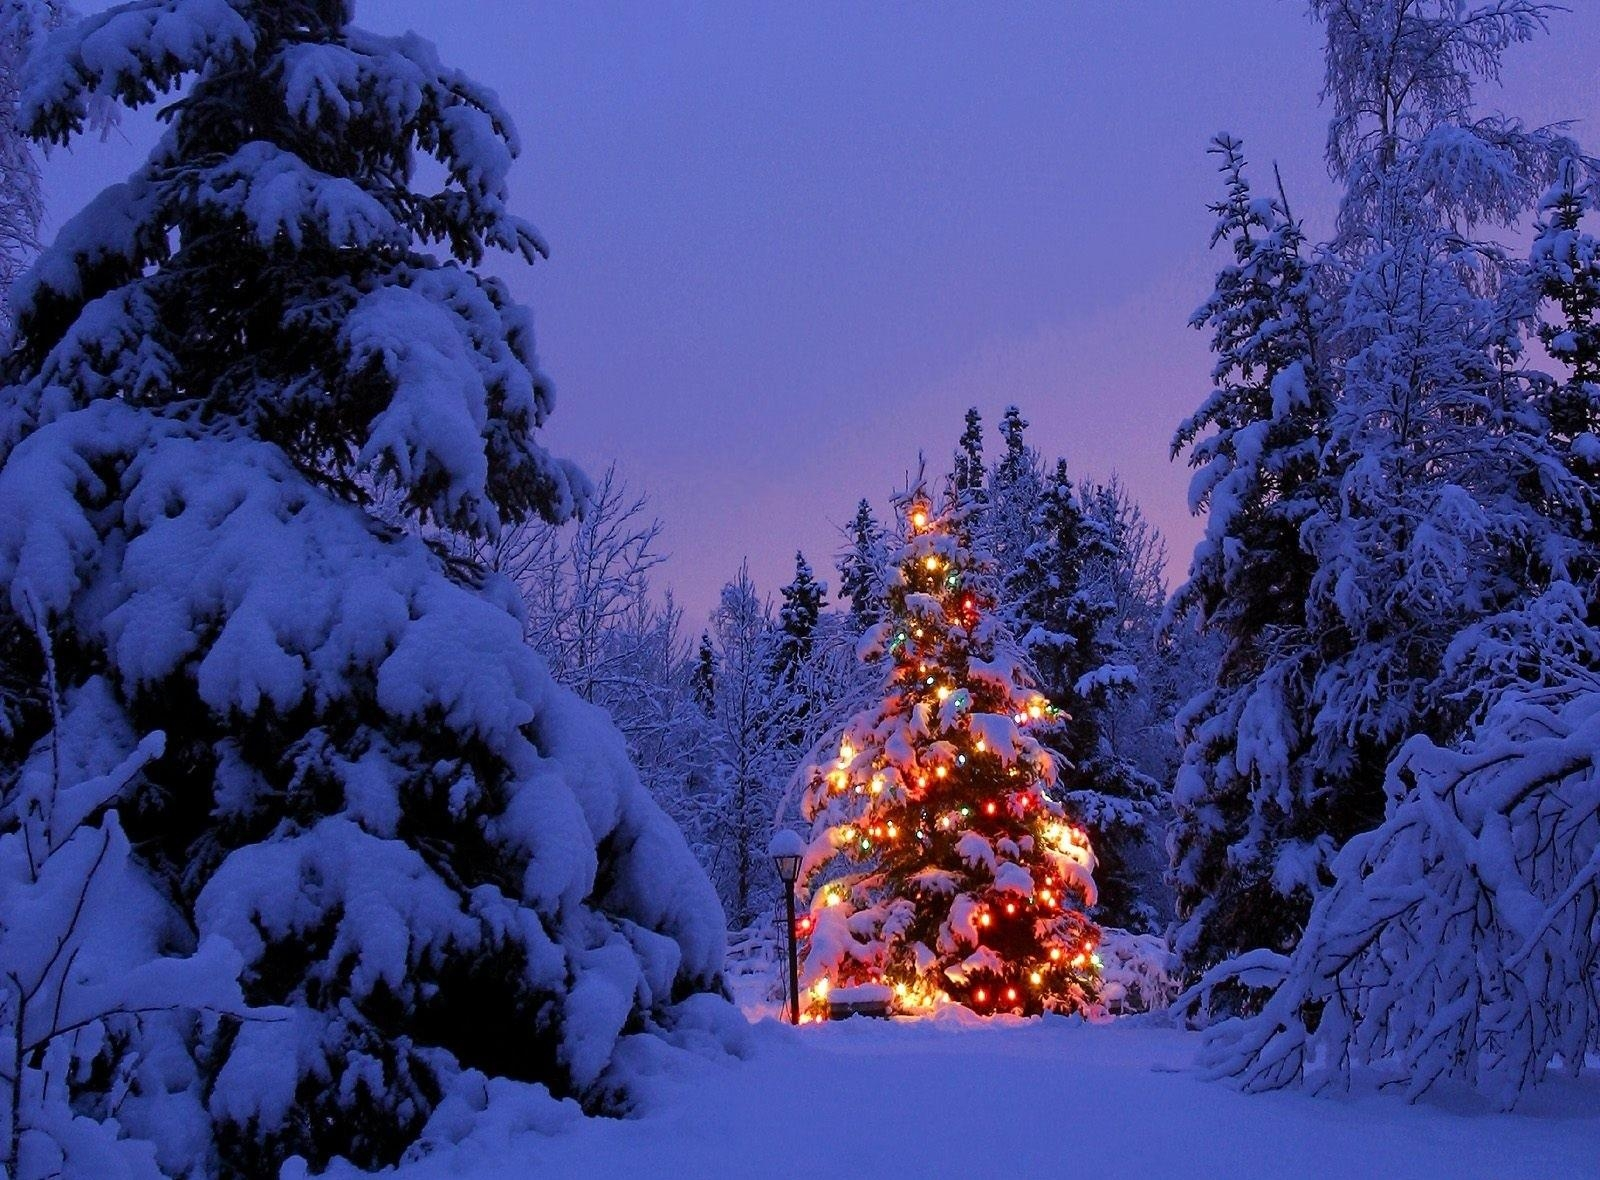 142741 скачать обои Праздники, Гирлянда, Снег, Парк, Вечер, Новый Год, Елки - заставки и картинки бесплатно